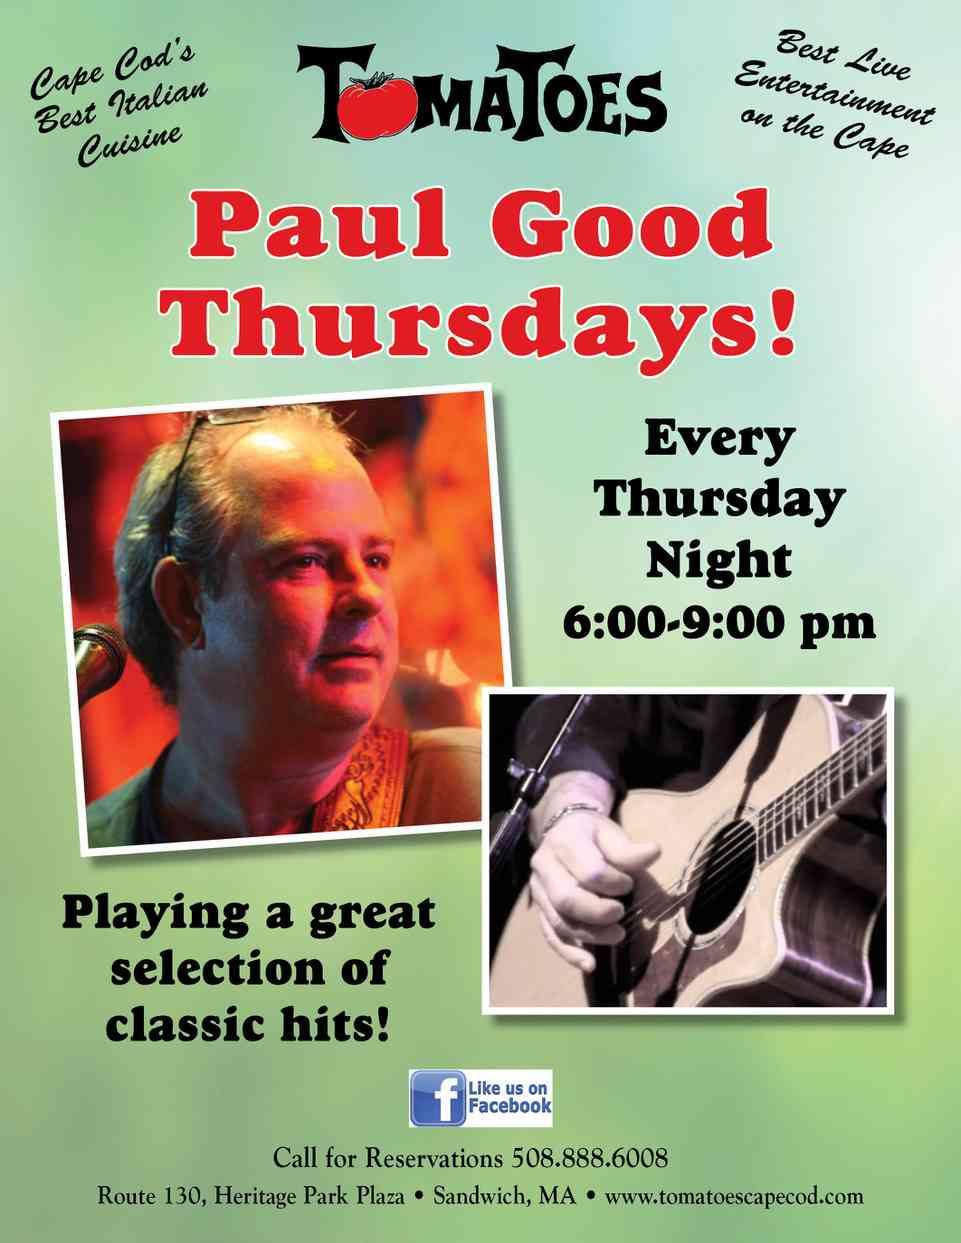 Paul Good Thursdays